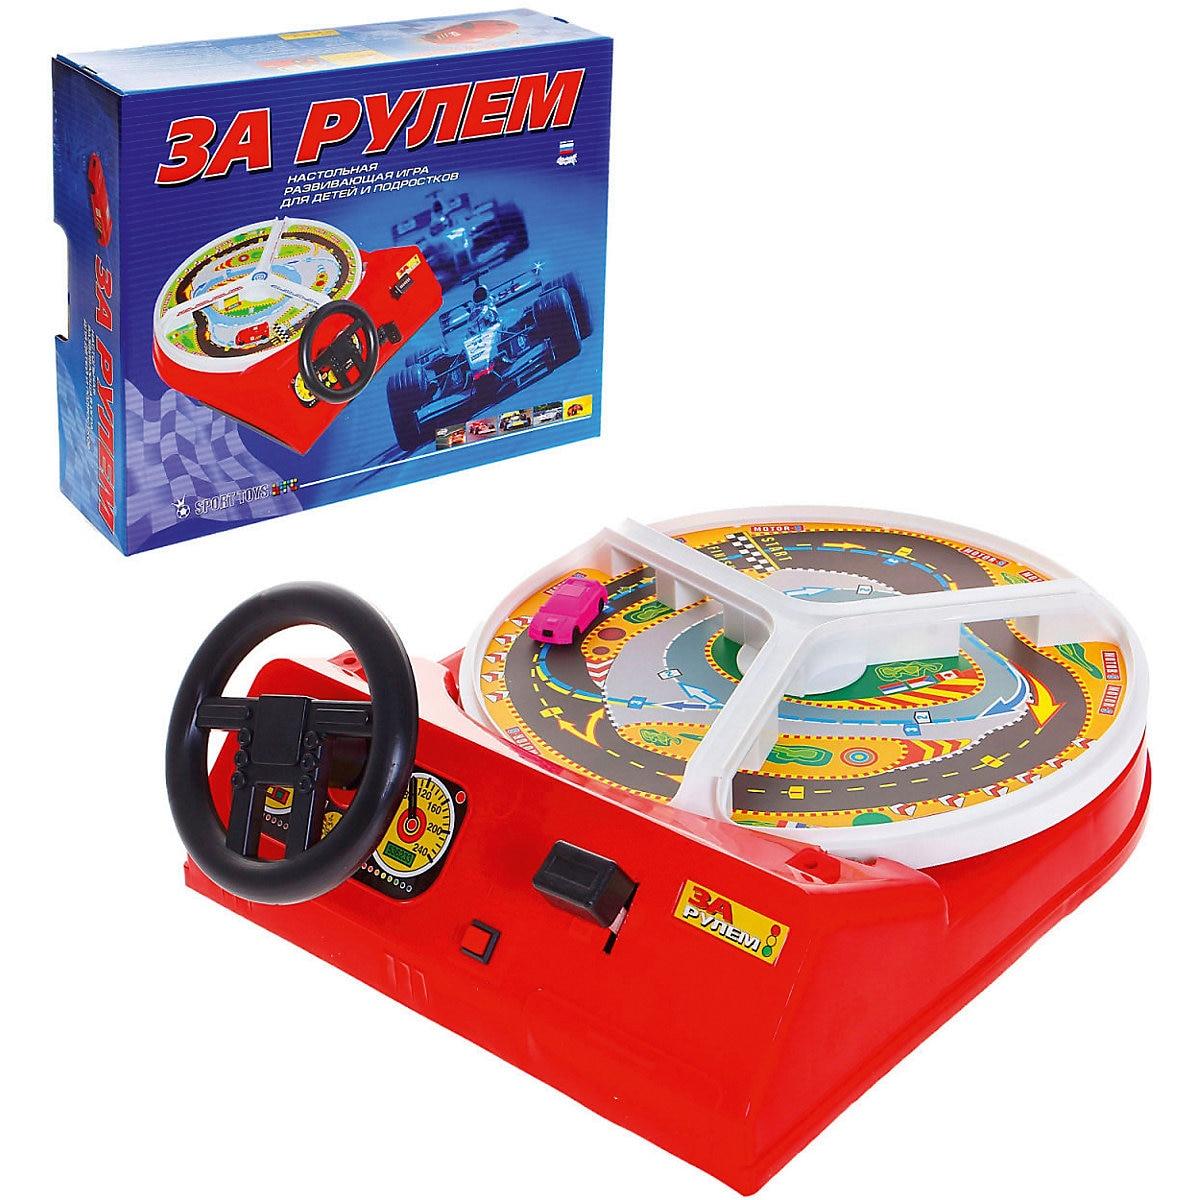 Salle de jeux omskiy zavod elektrotovarov 7766969 jouets jeu de société enfants jeux éducatifs chambre pour garçons filles